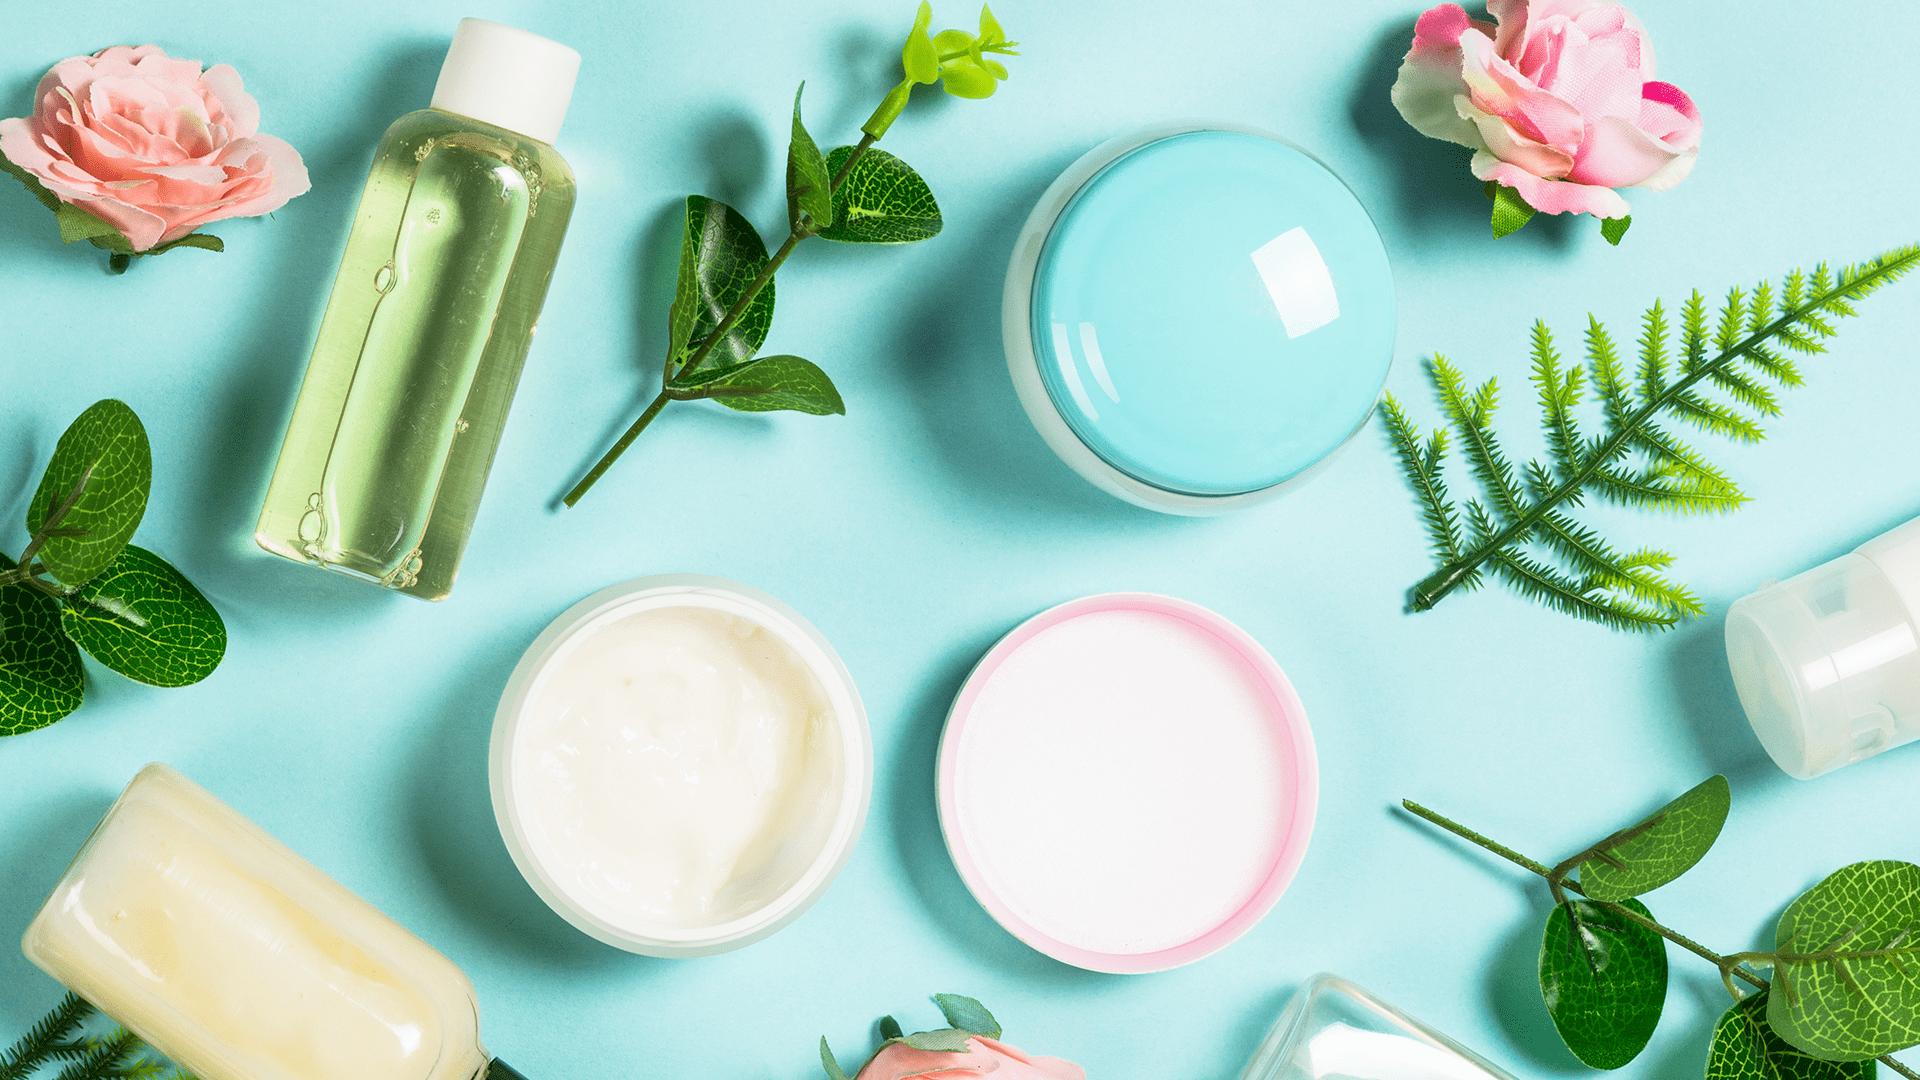 Entenda o que é e como fazer skincare (Imagem: Reprodução/Shutterstock)